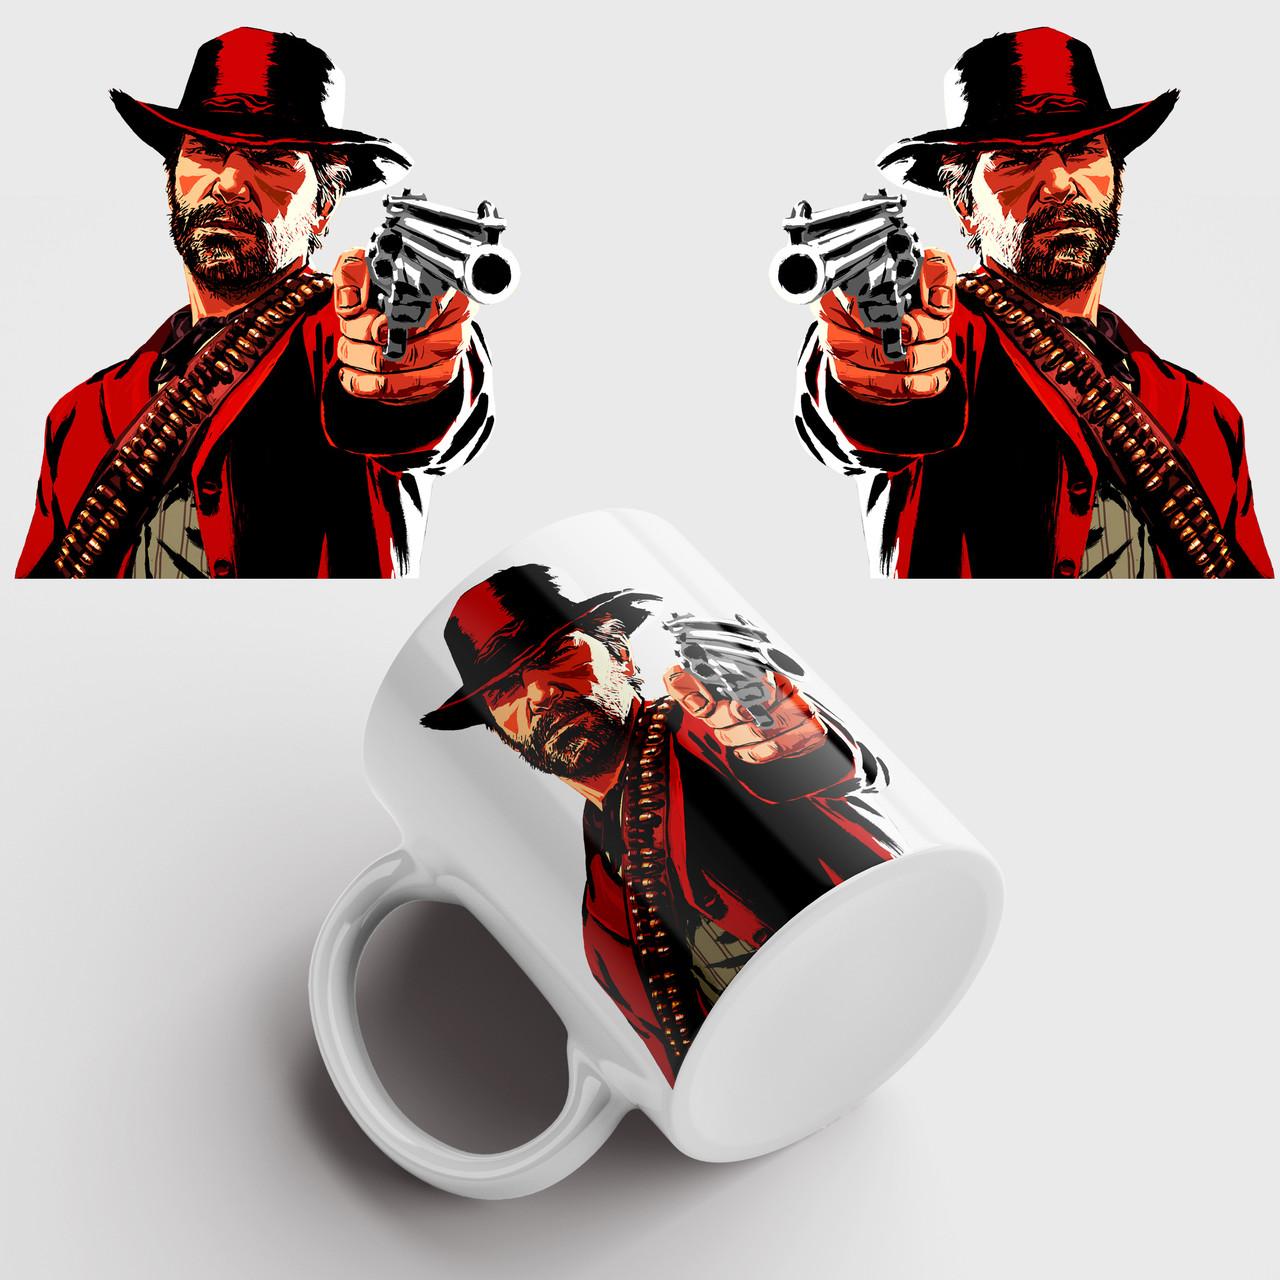 Кружка с принтом Red Dead Redemption 2. Чашка с фото